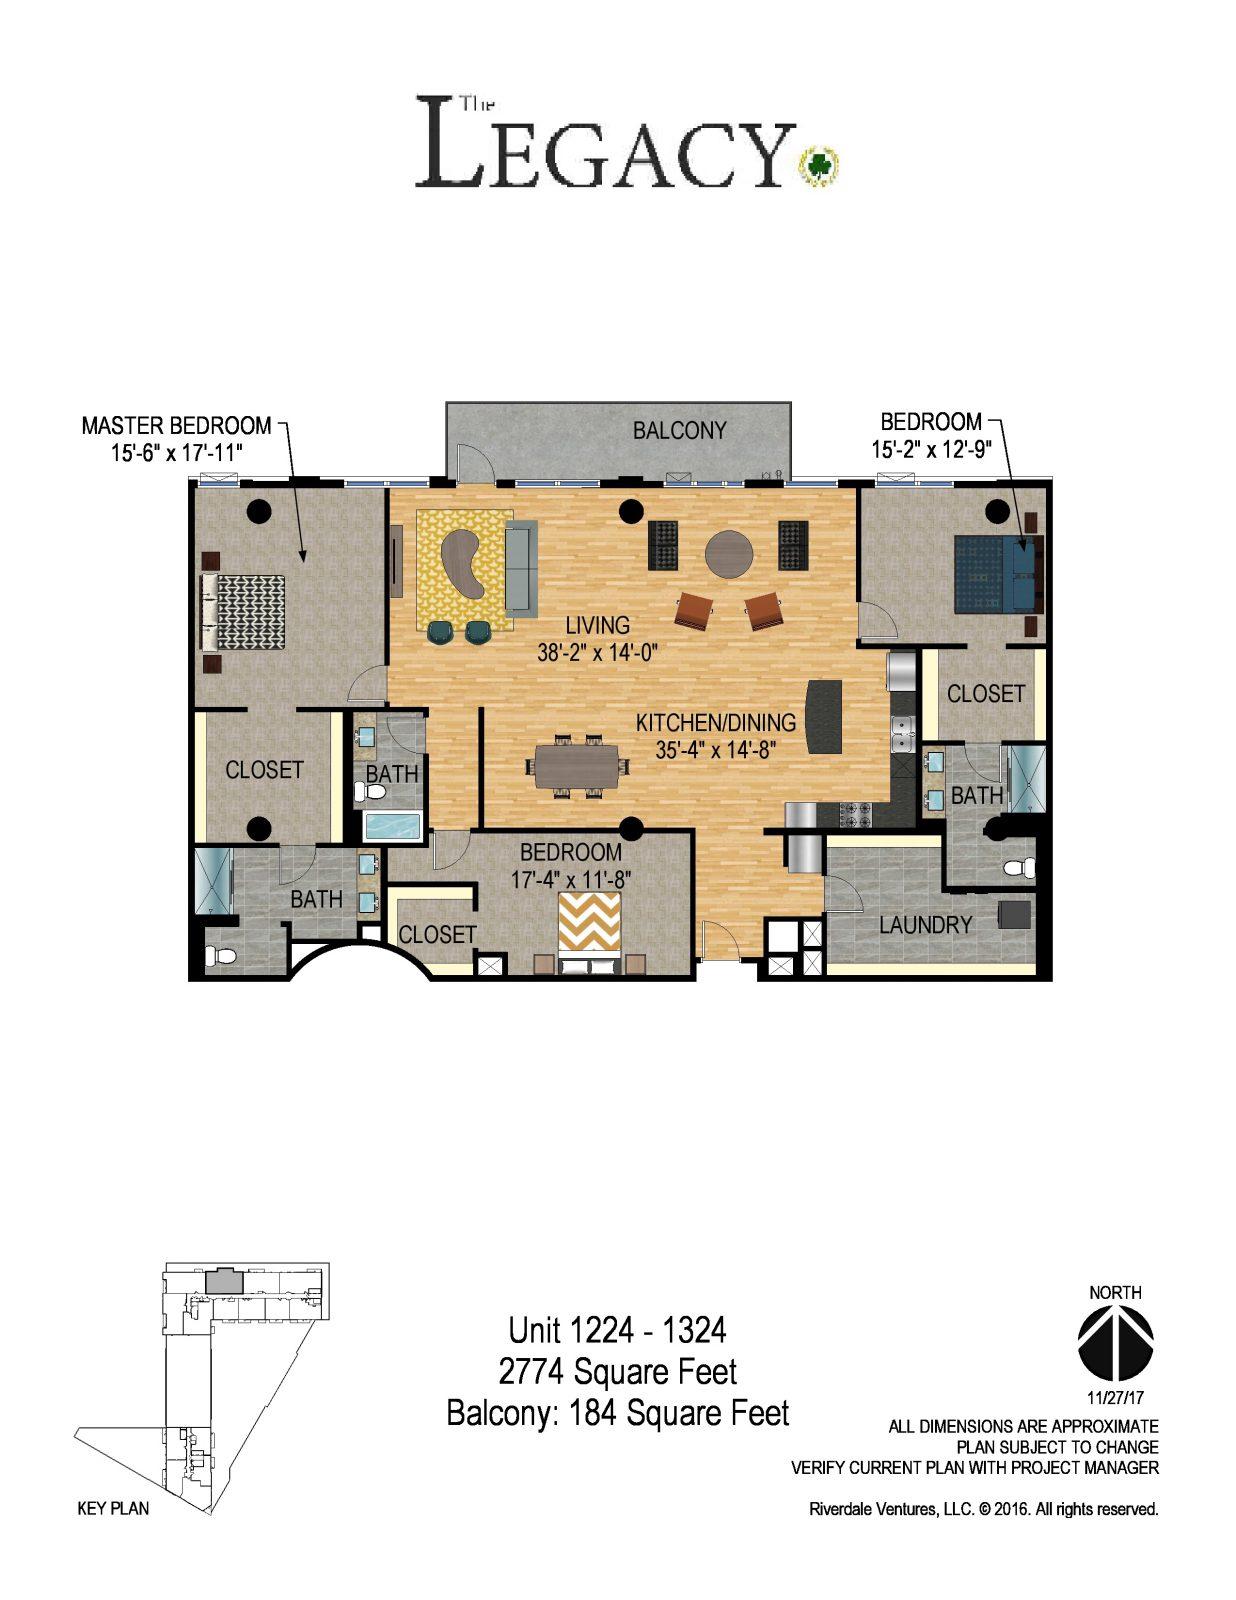 The Legacy Minneapolis - Unit 1224